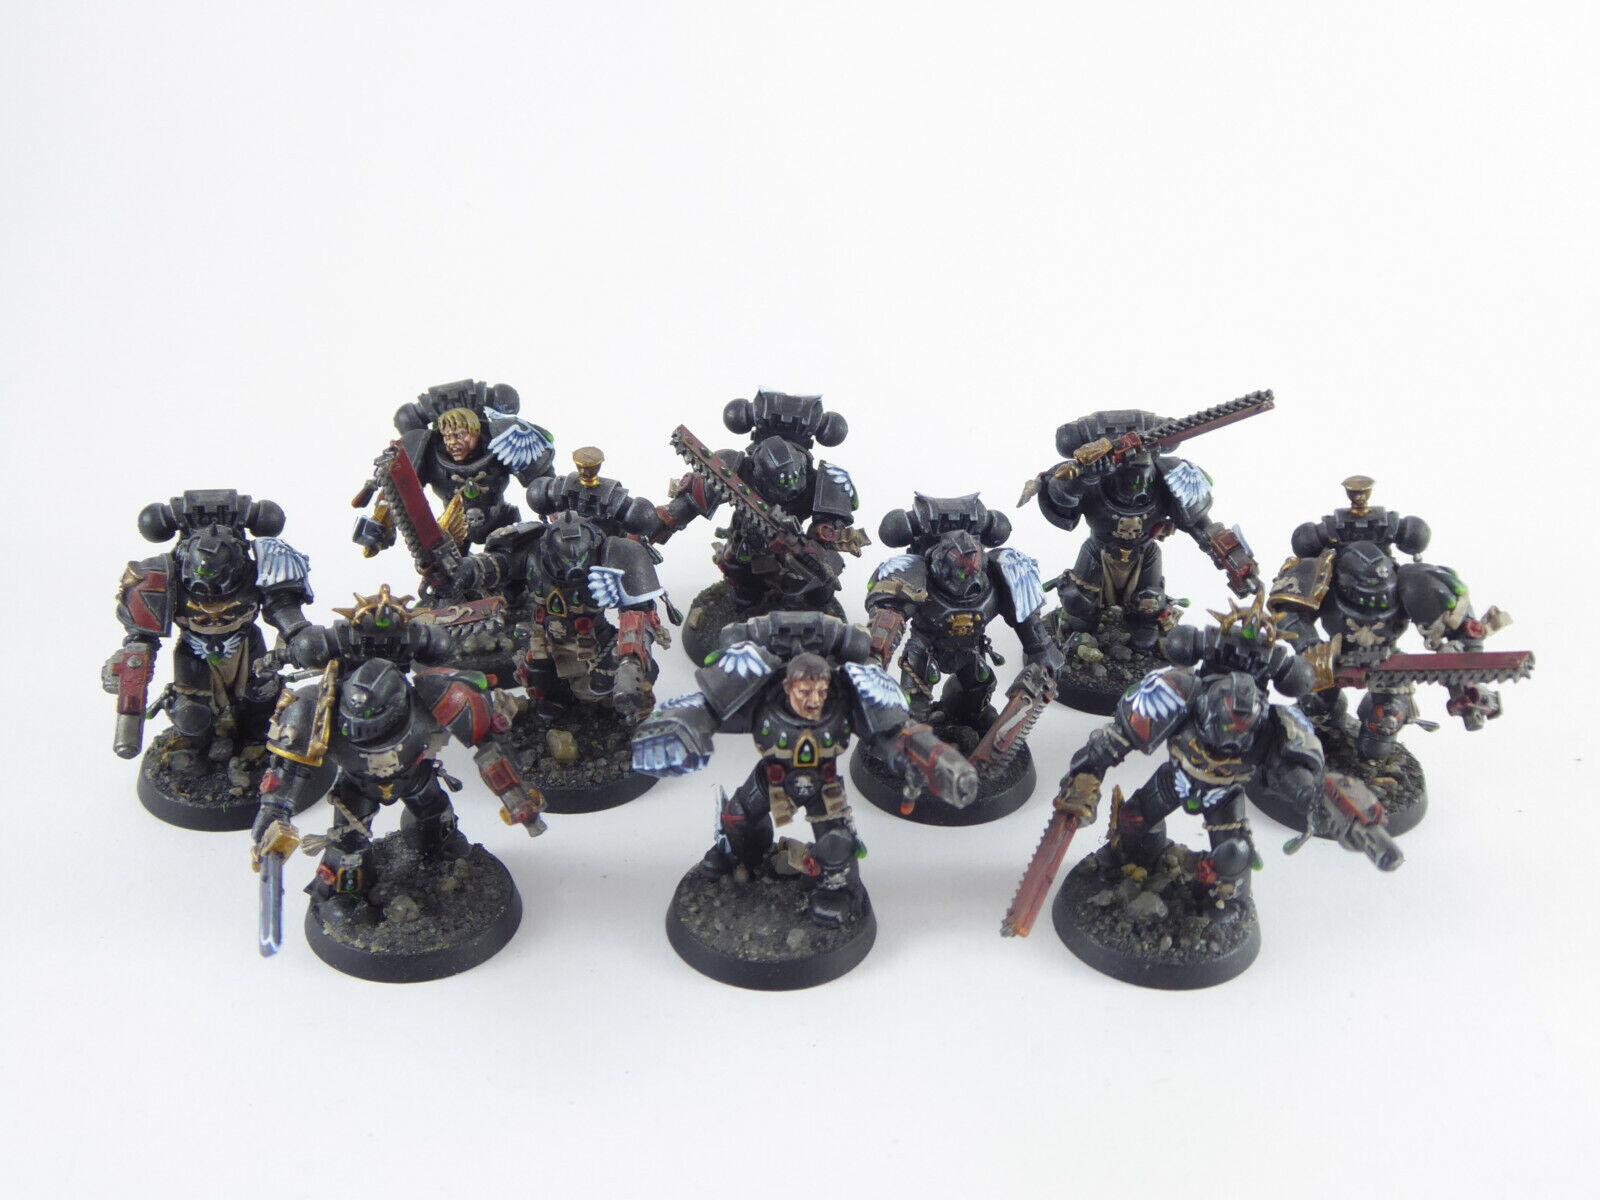 10 uomini Compagnia Morte-Death azienda della Blood Angels-molto bene dipinto  -  shopping online di moda